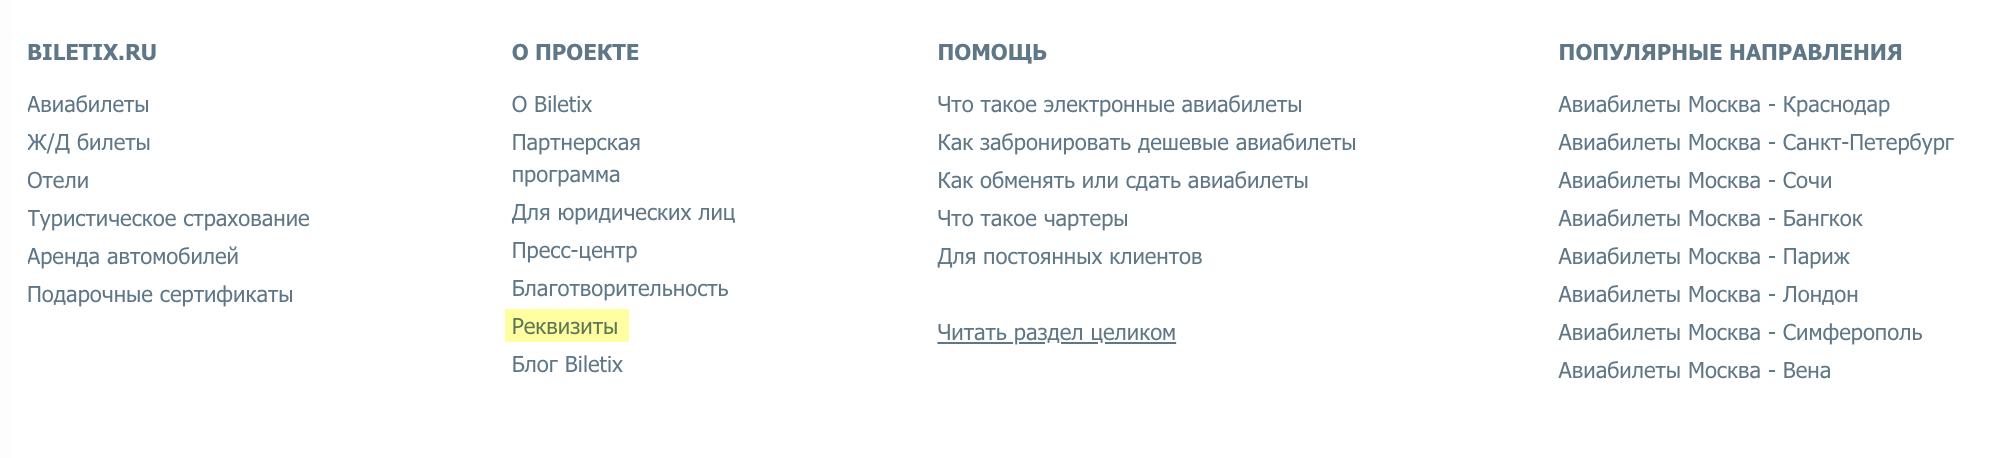 Информацию о владельце сайта можно найти в разделе «О проекте»